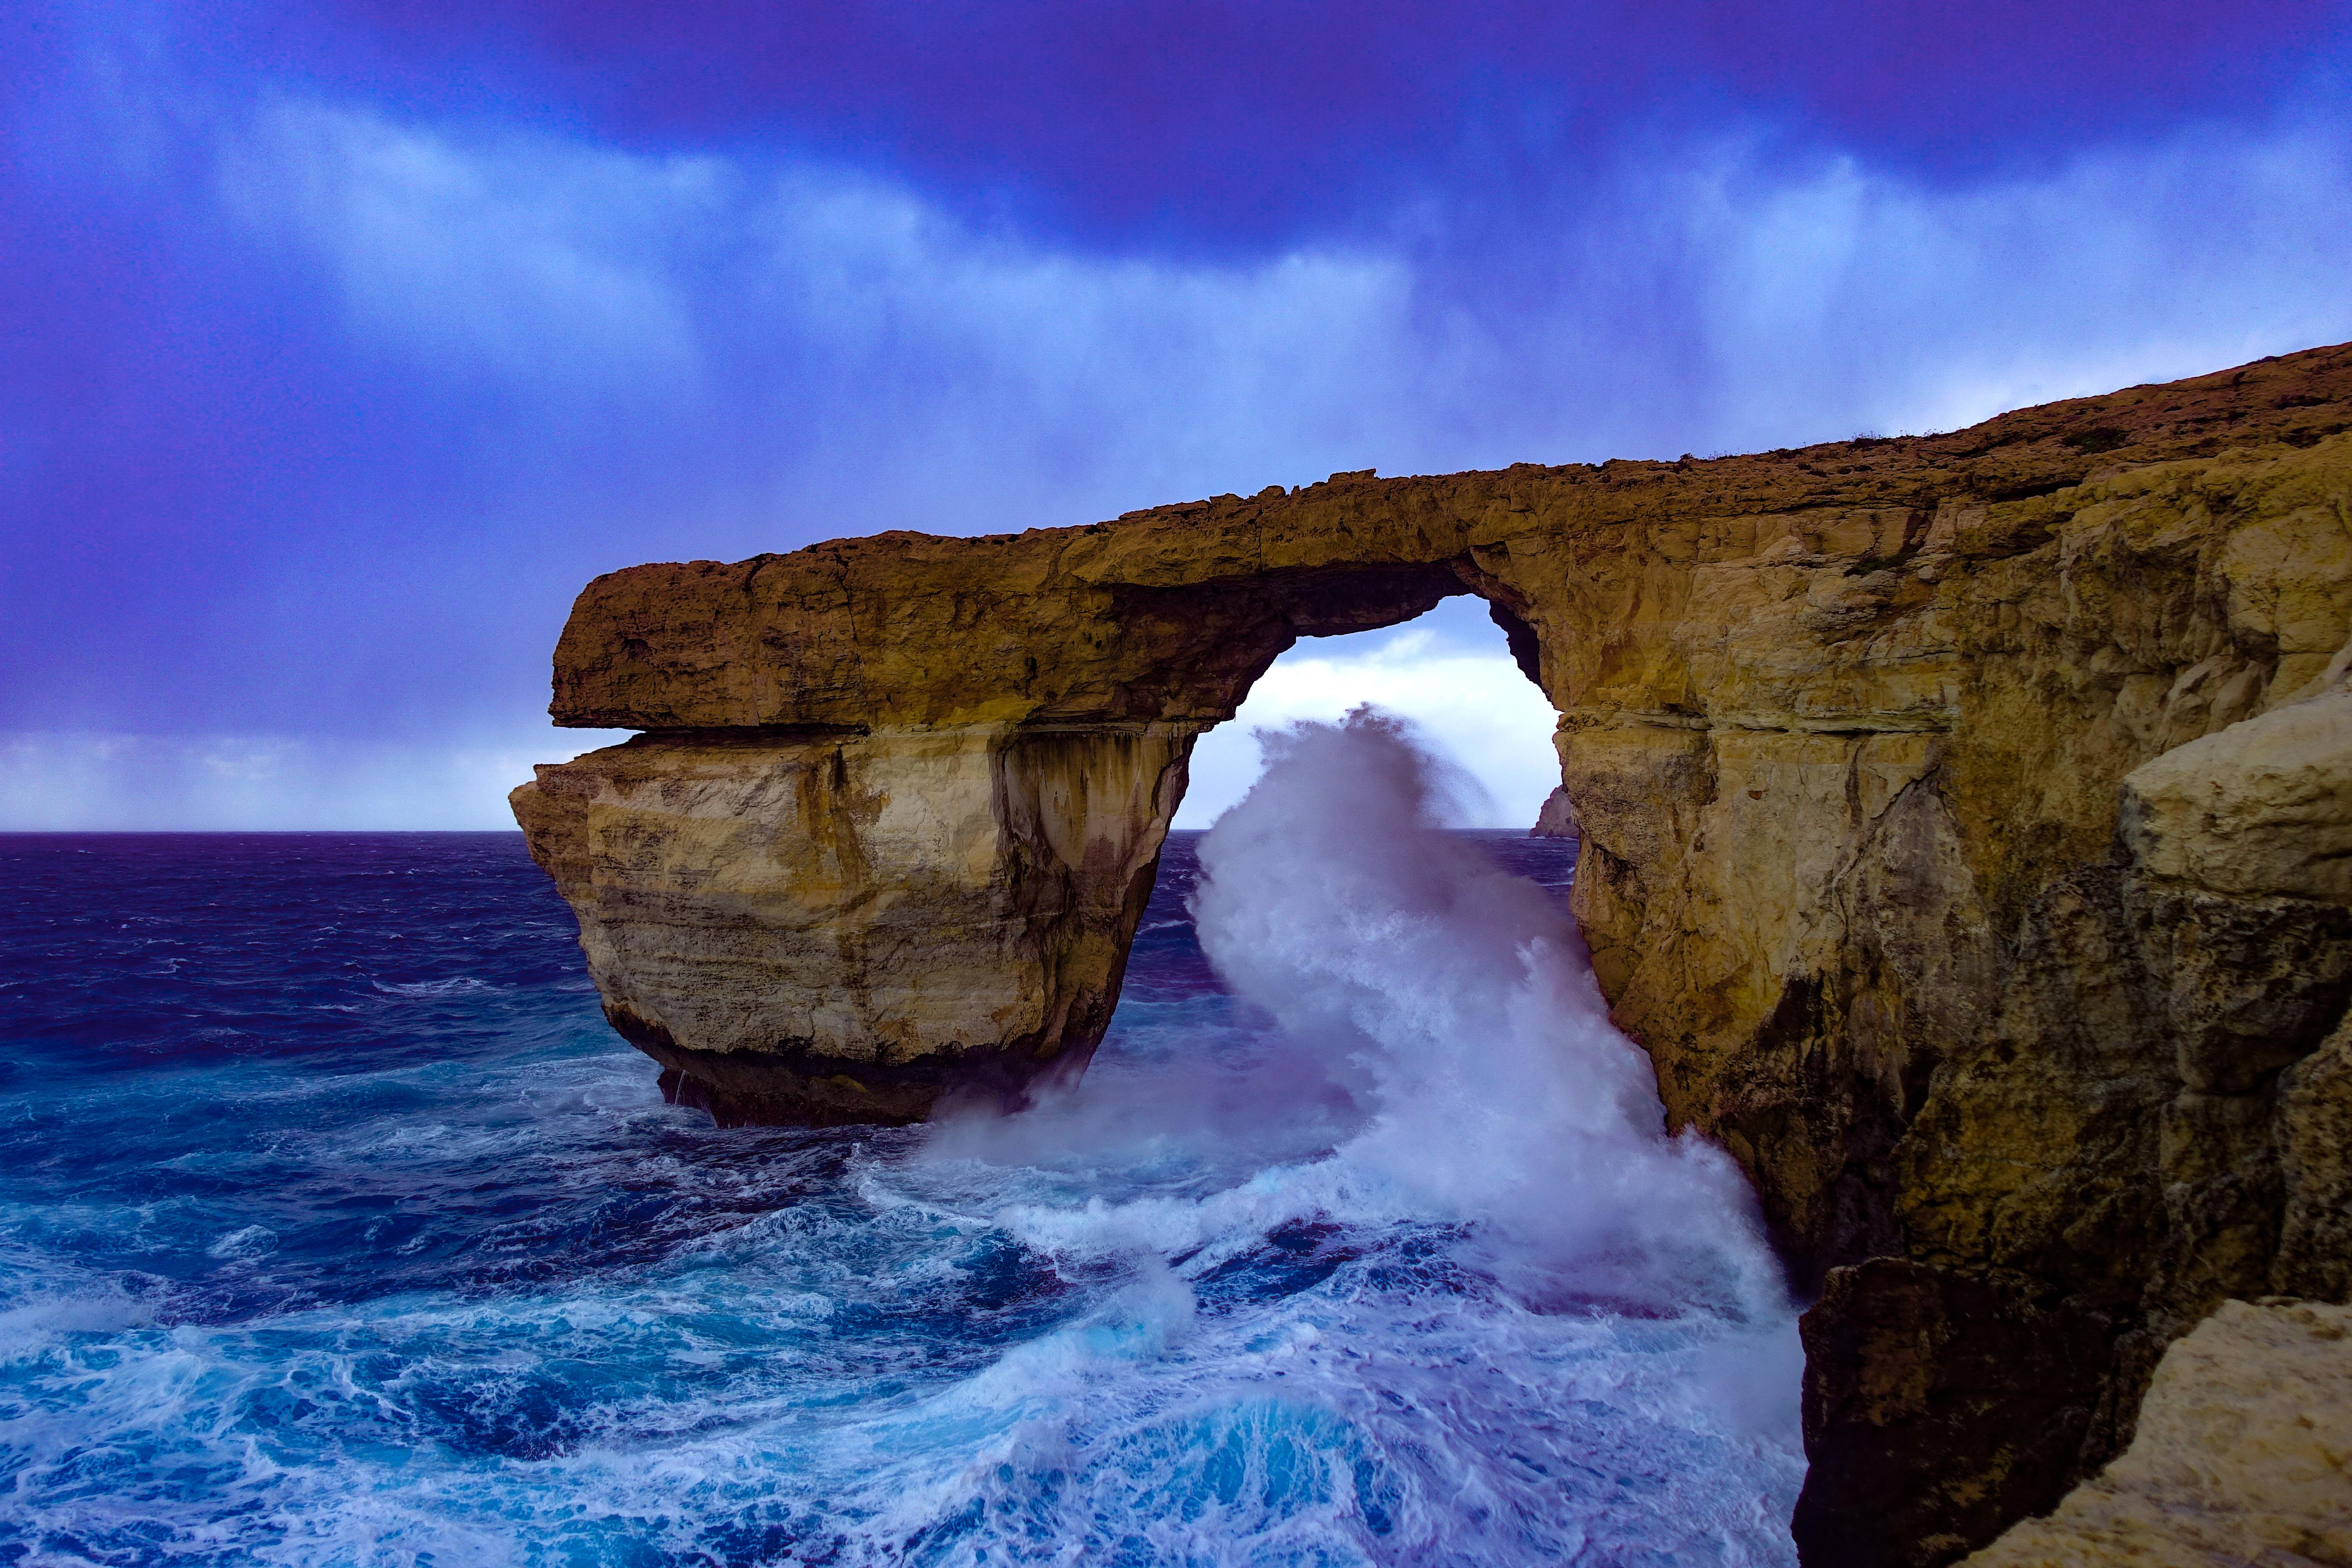 """La Ventana Azul, una formación rocosa con un arco natural de piedra caliza de 28 metros de alto que se levantaba en la isla de Gozo en Malta. se derrumbó después de ser dañado por una tormenta en marzo de 2017. Alguna vez fue uno de los hitos turísticos más populares de Malta y apareció en la serie televisiva """"Juego de tronos"""